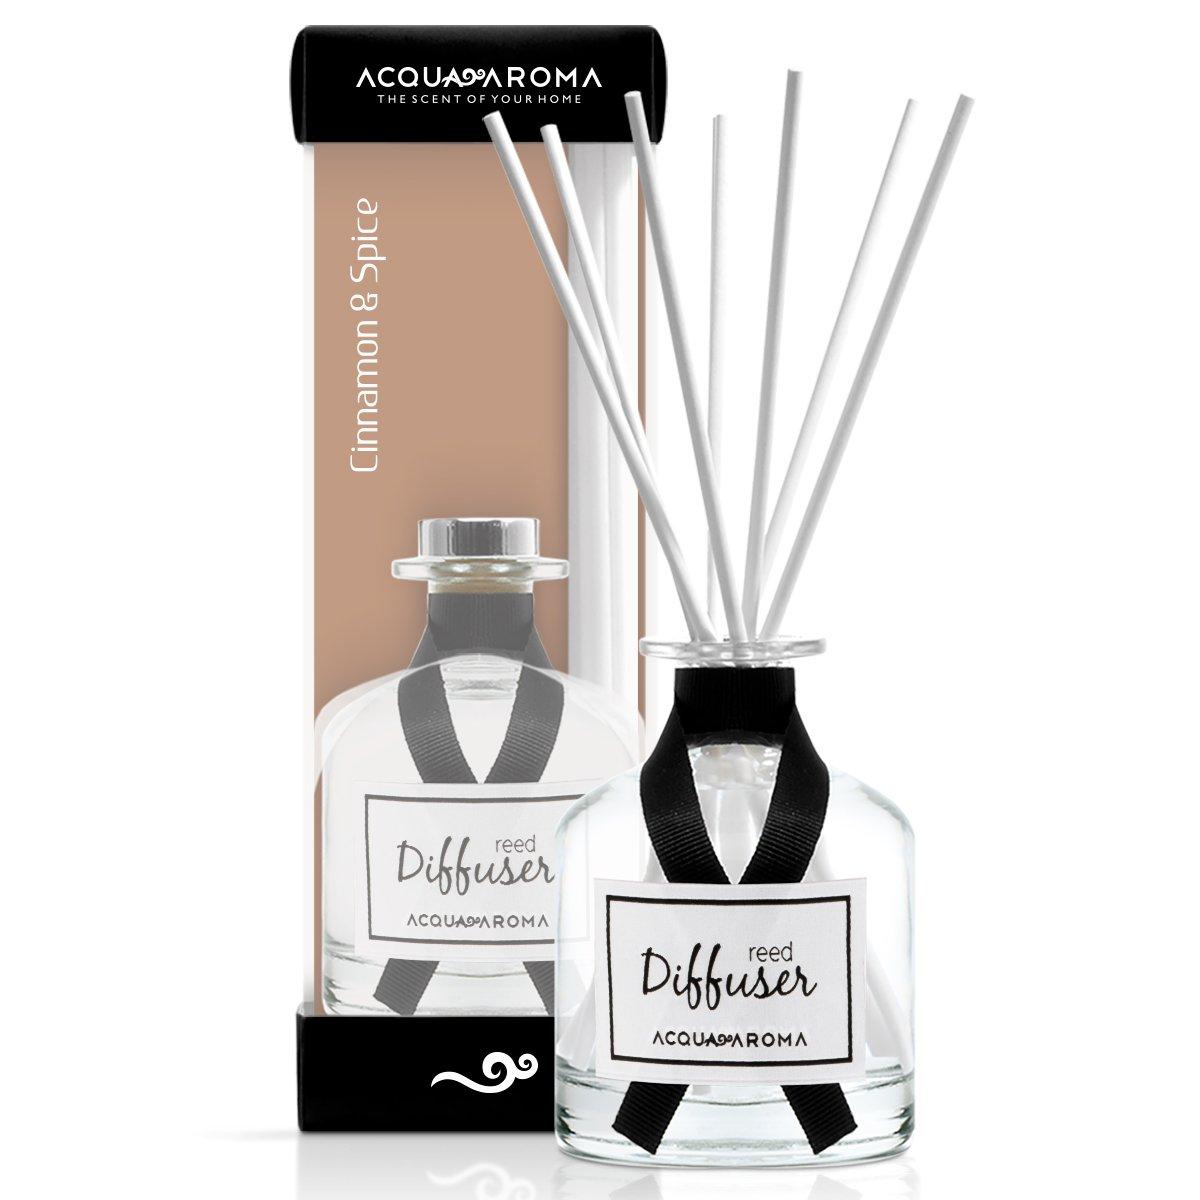 Acqua Aroma Everyday Collection Cinnamon & Spice Reed Diffuser 8.1 FL OZ (240ml) by Acqua Aroma (Image #1)